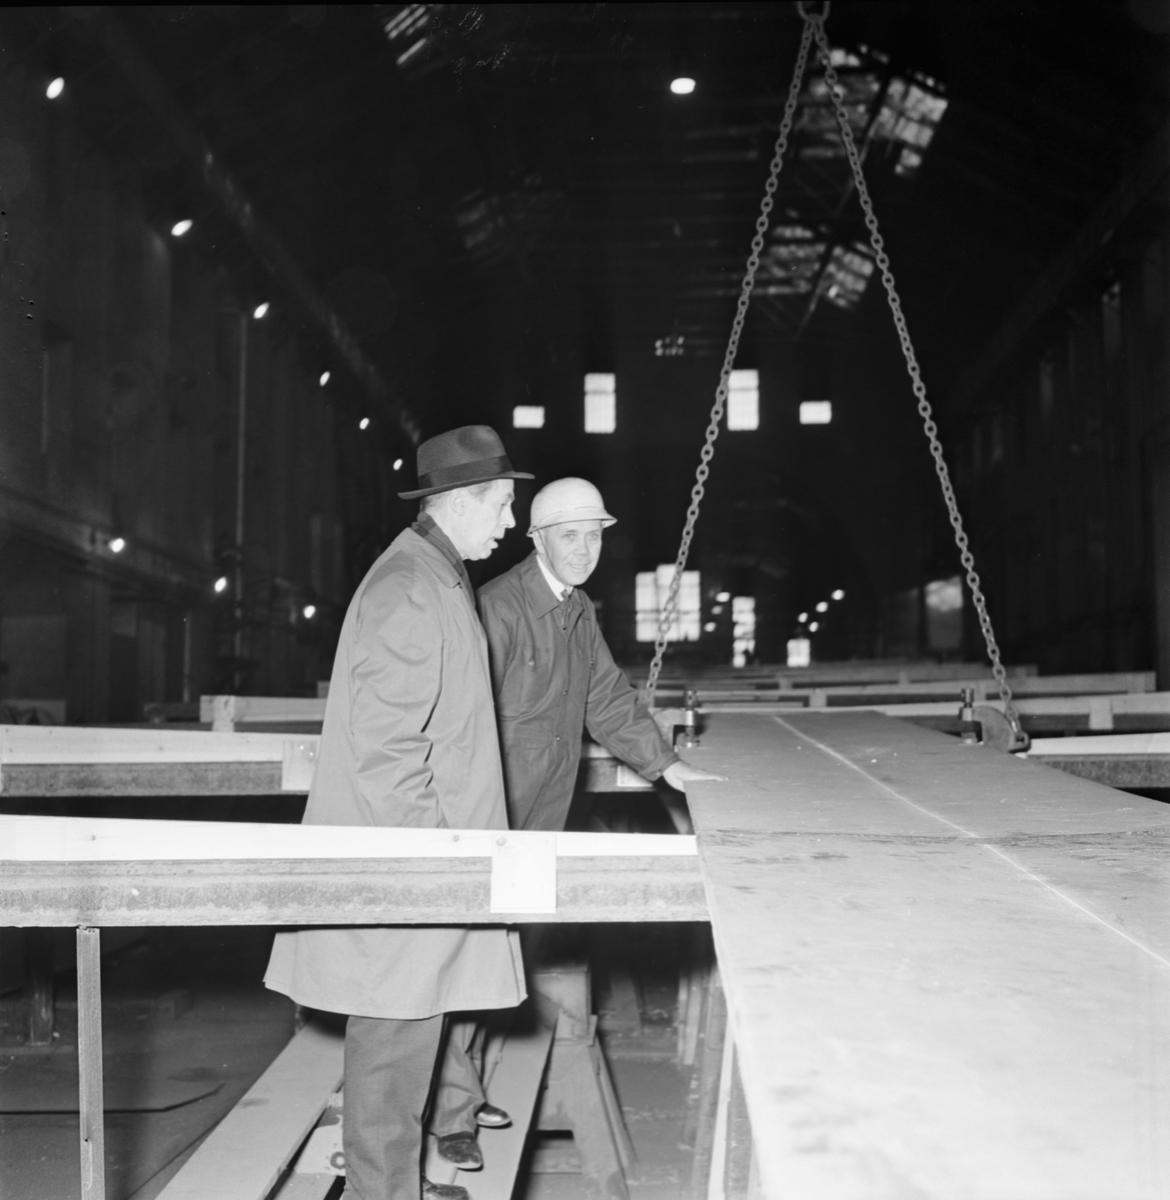 Övrigt: Foto datum: 20/2 1964 Verkstäder och personal. Direktör Eng, Ingenjör Persbeck i samband med tankbåten byggnad. Närmast identisk bild: V28500, ej skannad